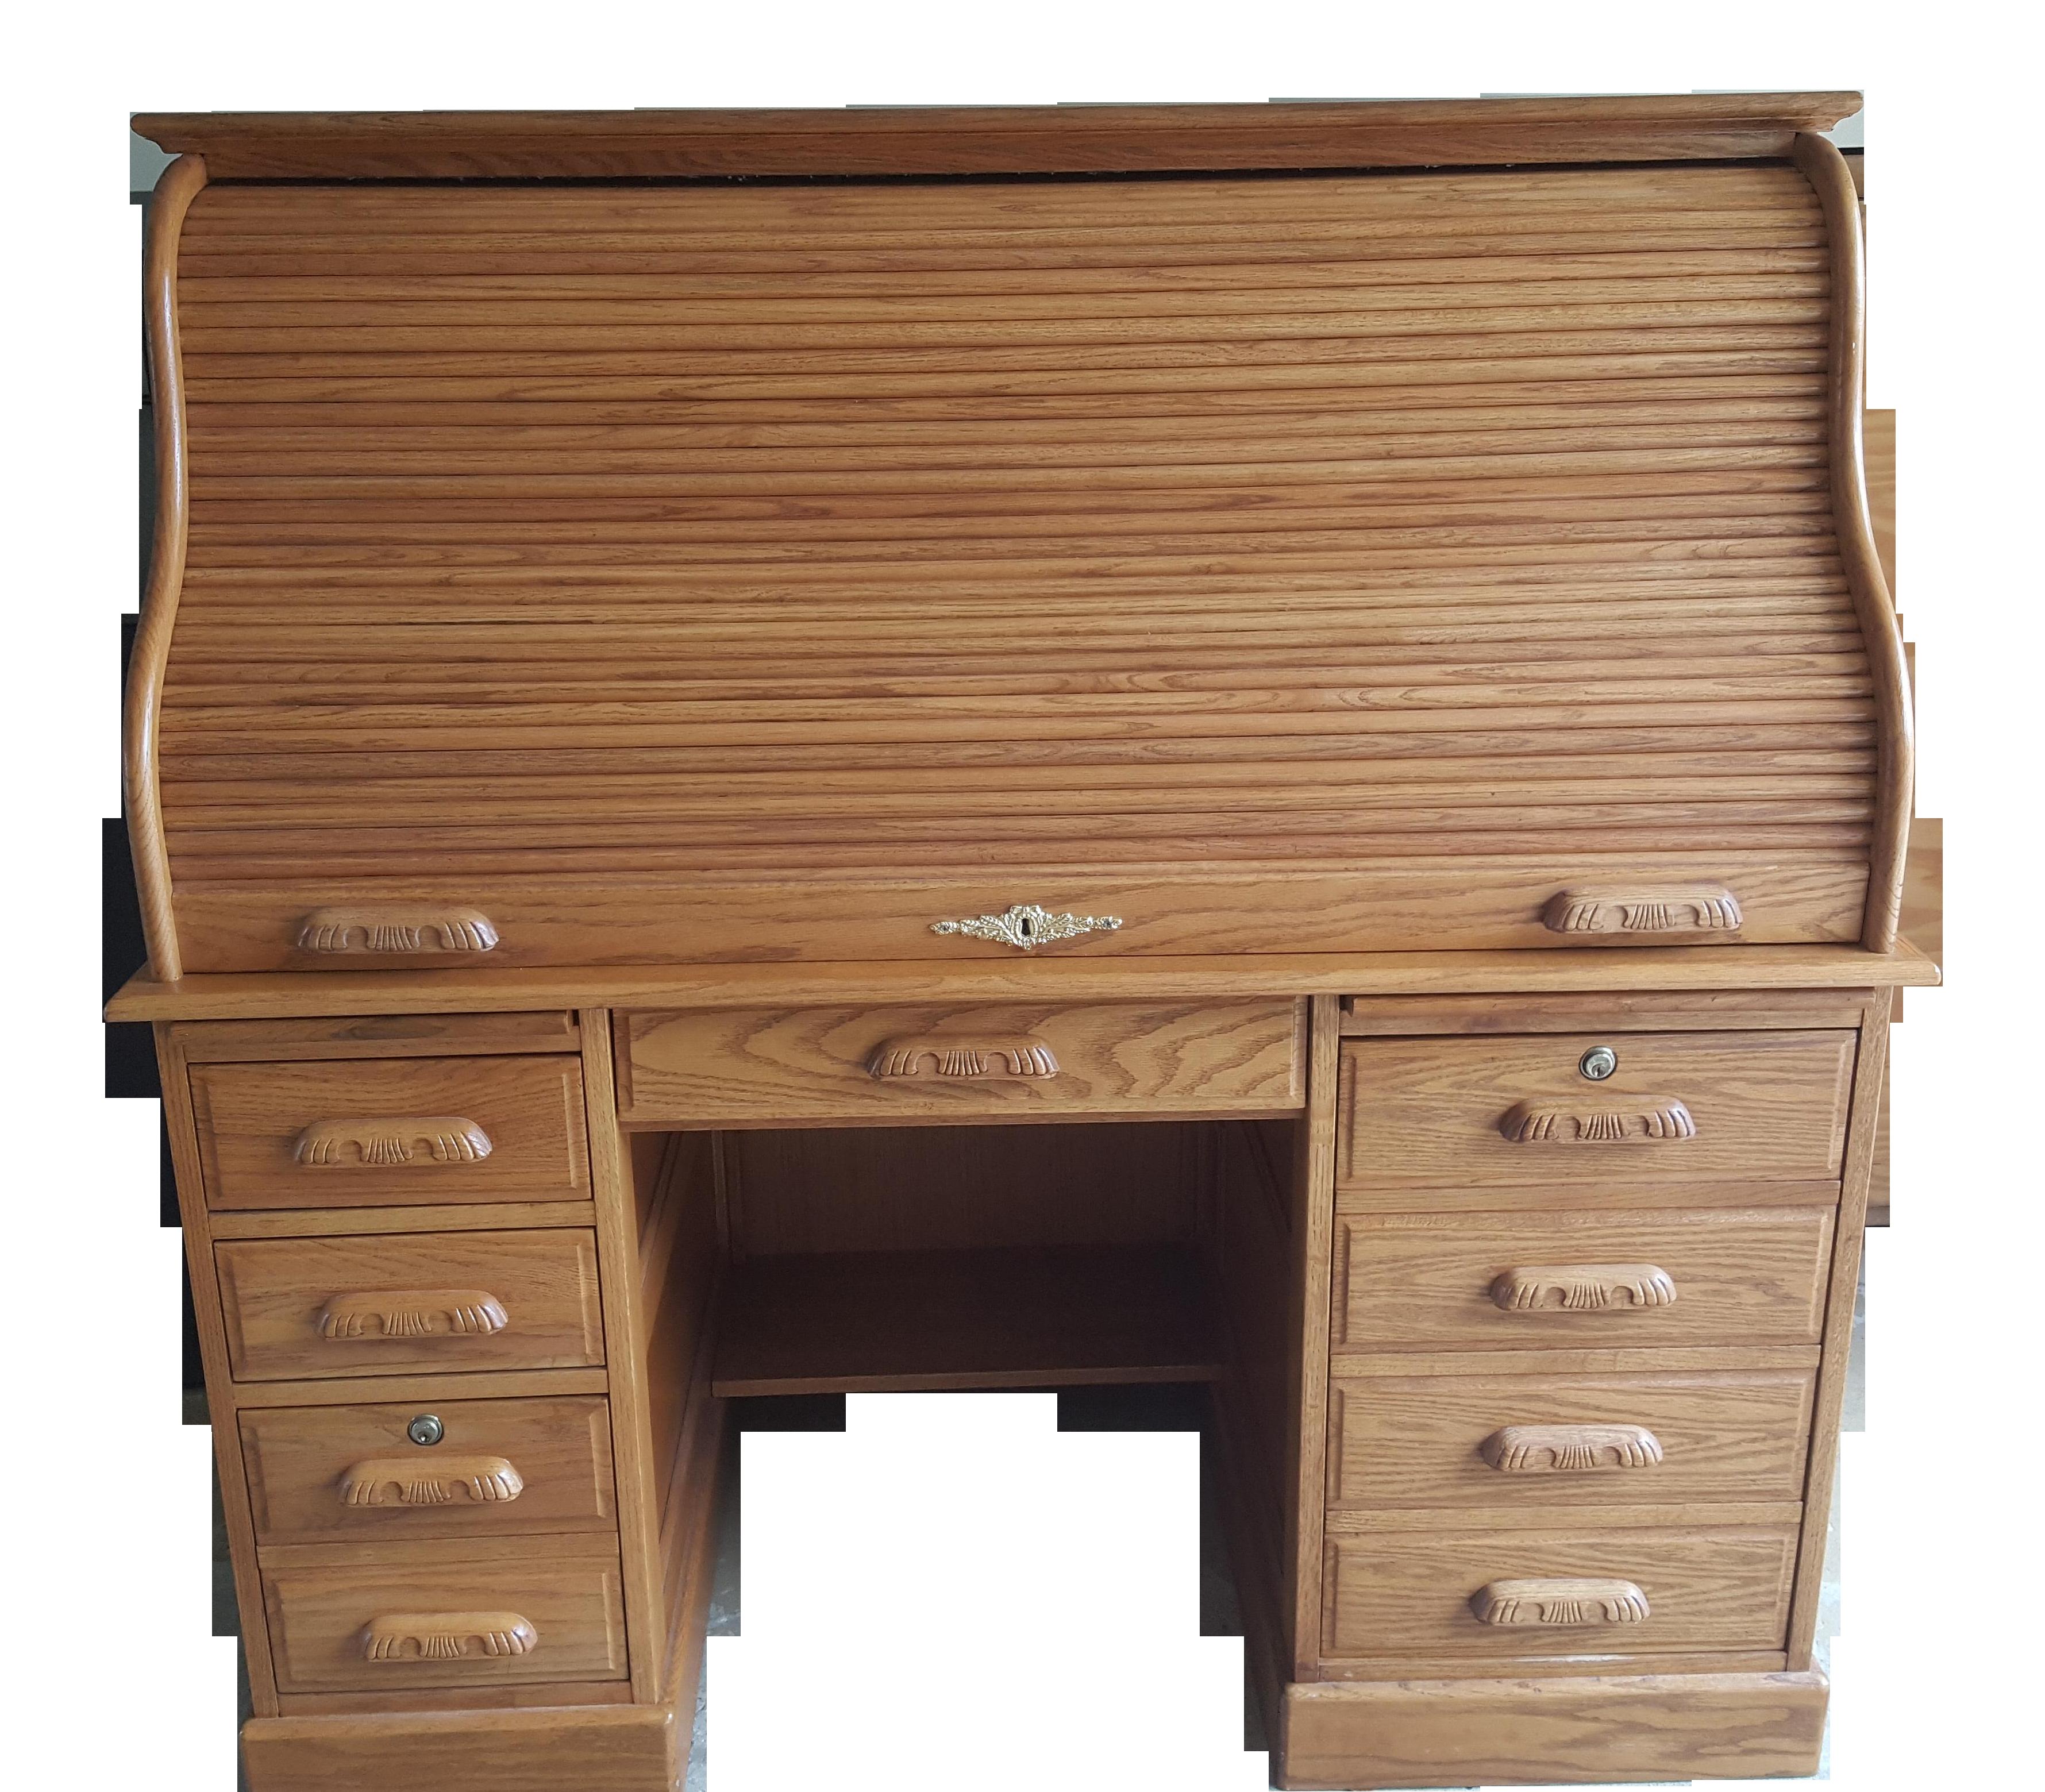 Carolina Desk Company Solid Oak Roll Top Desk Chairish